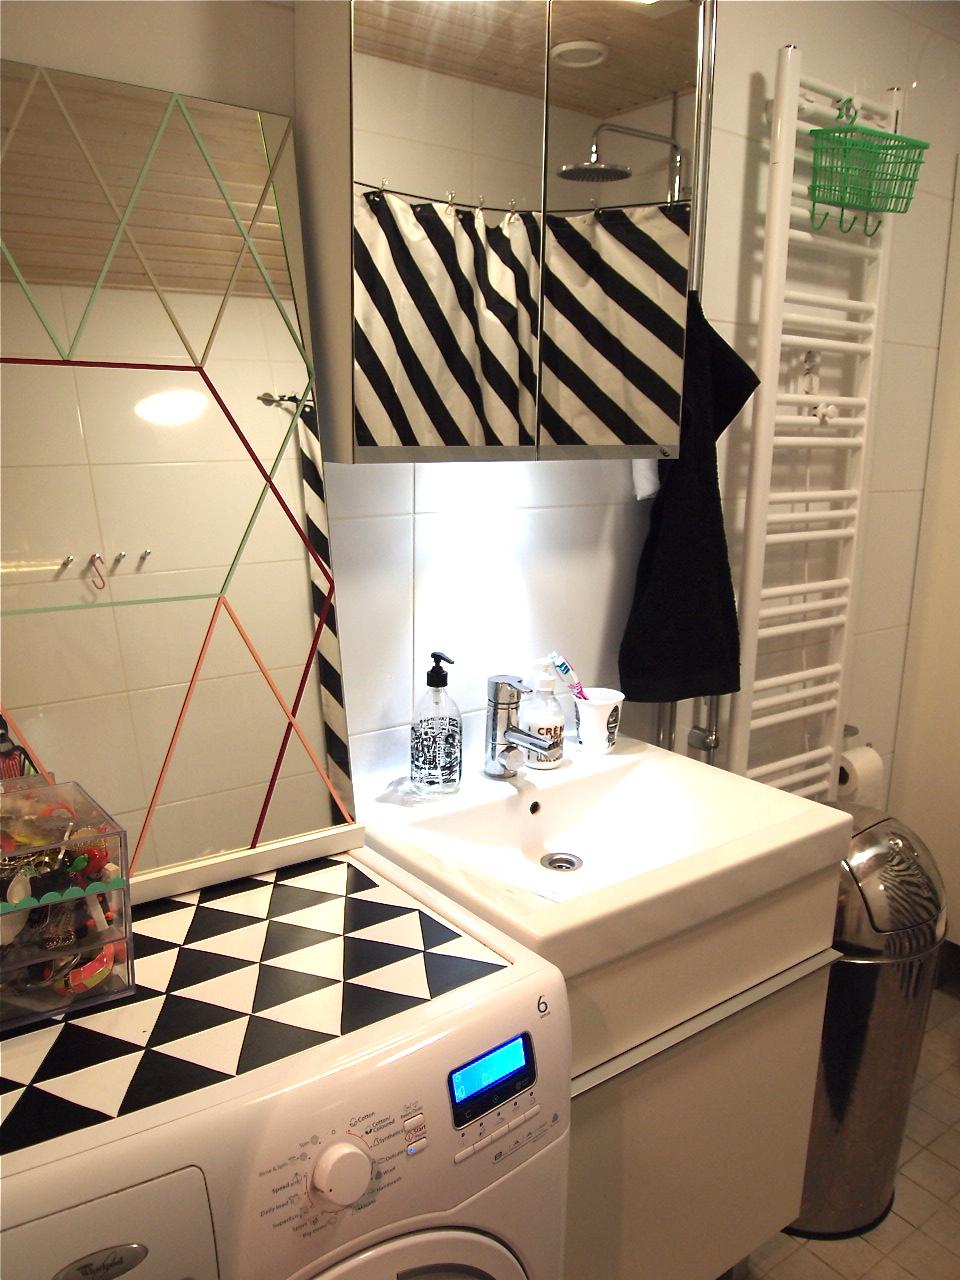 Meidän kylpyhuone. Postaussarja: 55 neliötä. Osa 4.